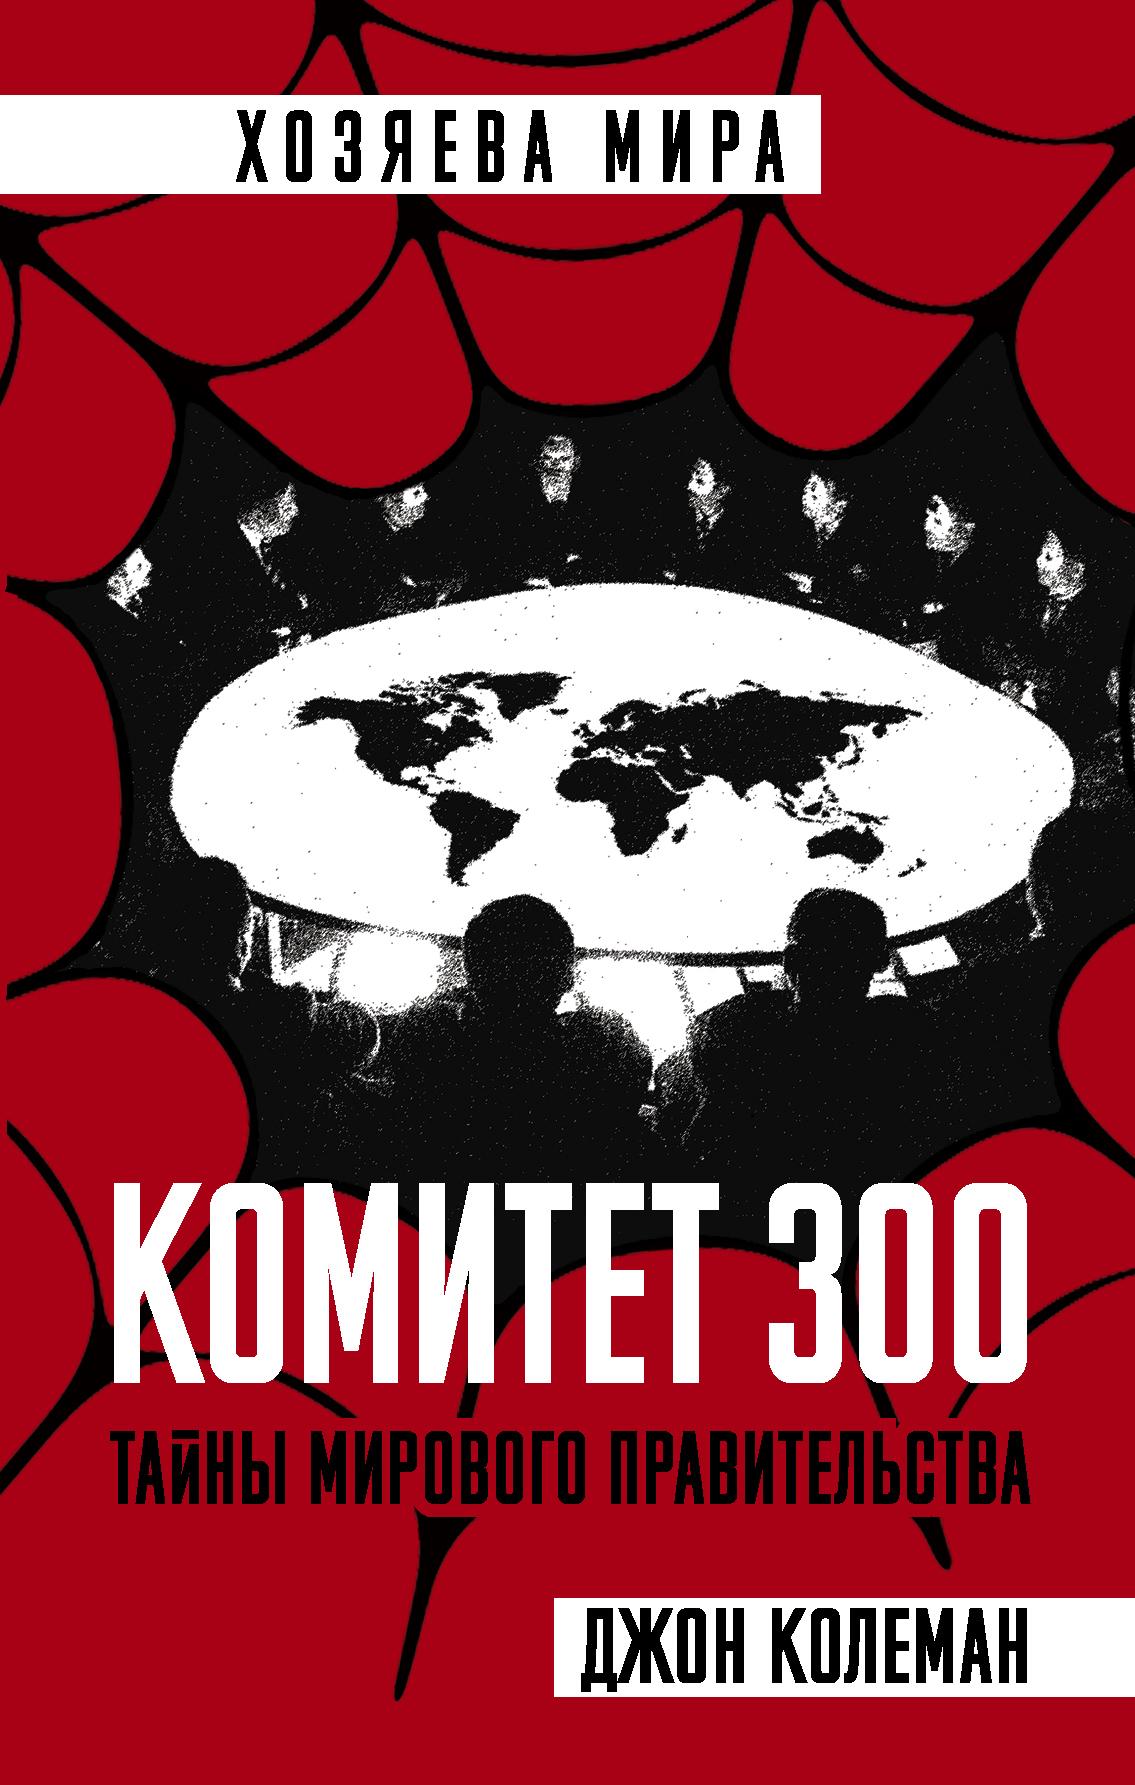 Скачать комитет-300 книгу